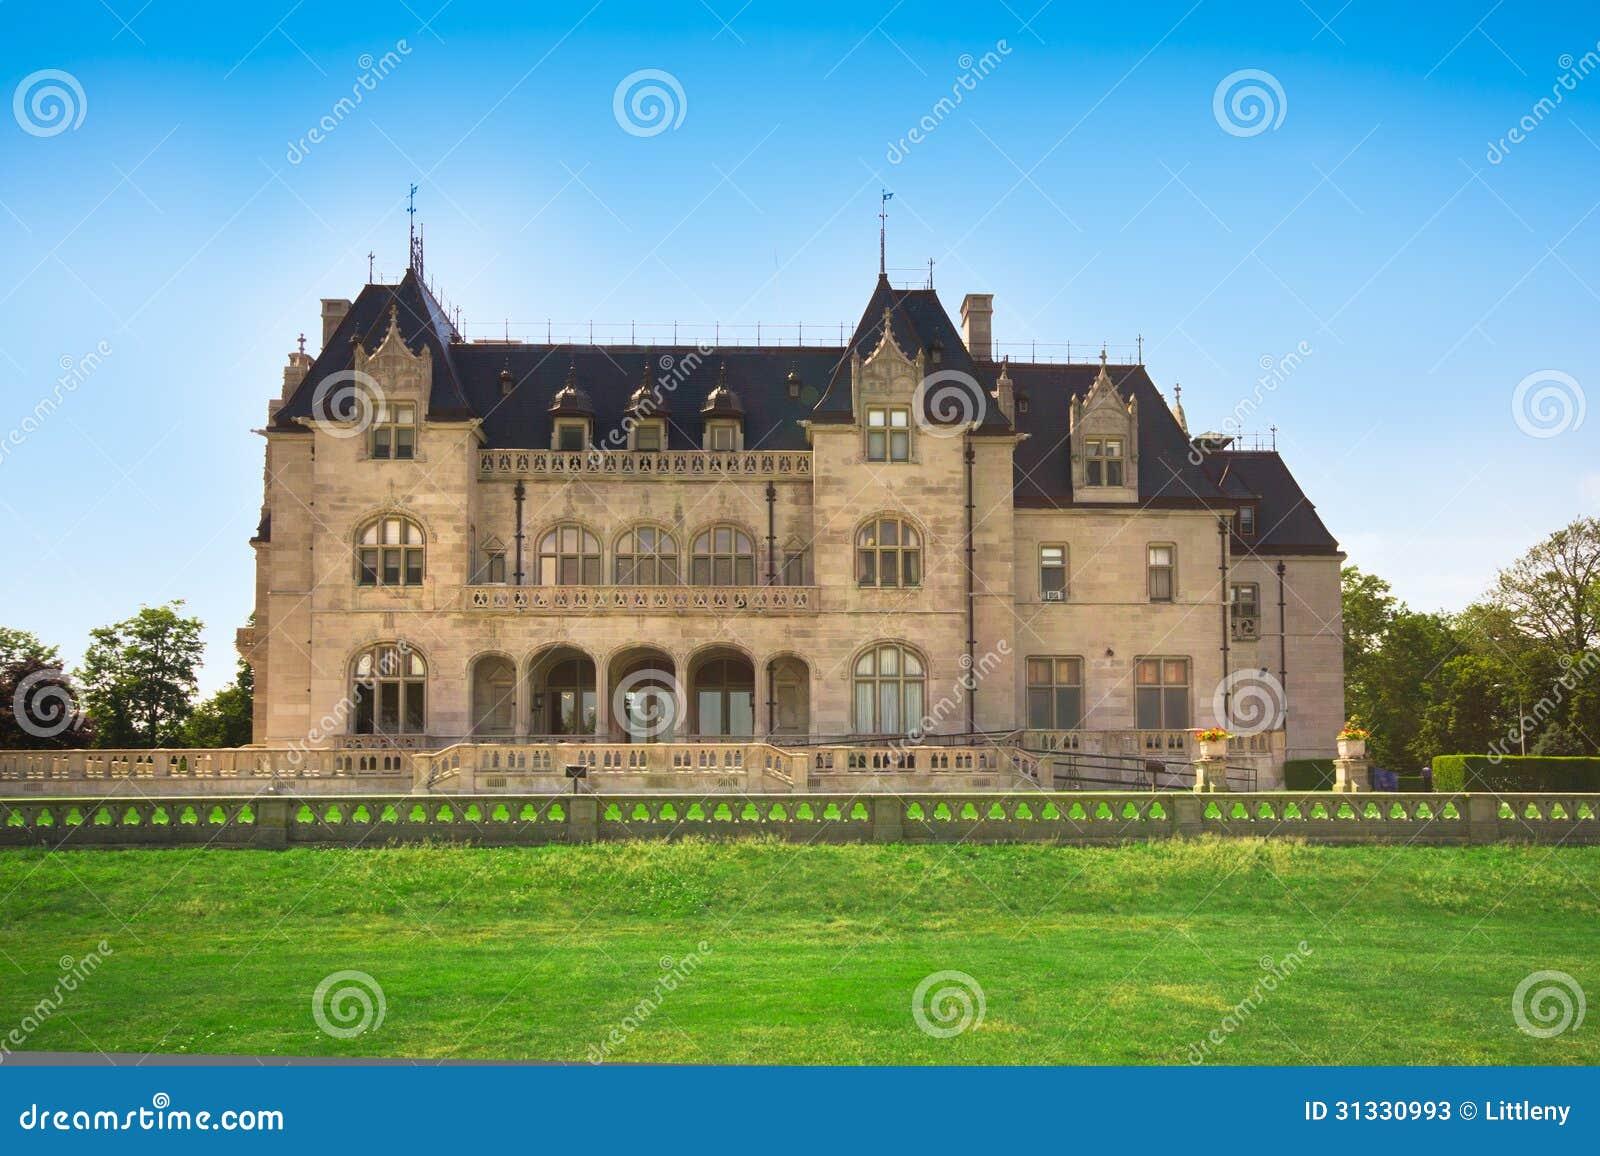 Ochre Point Mansion